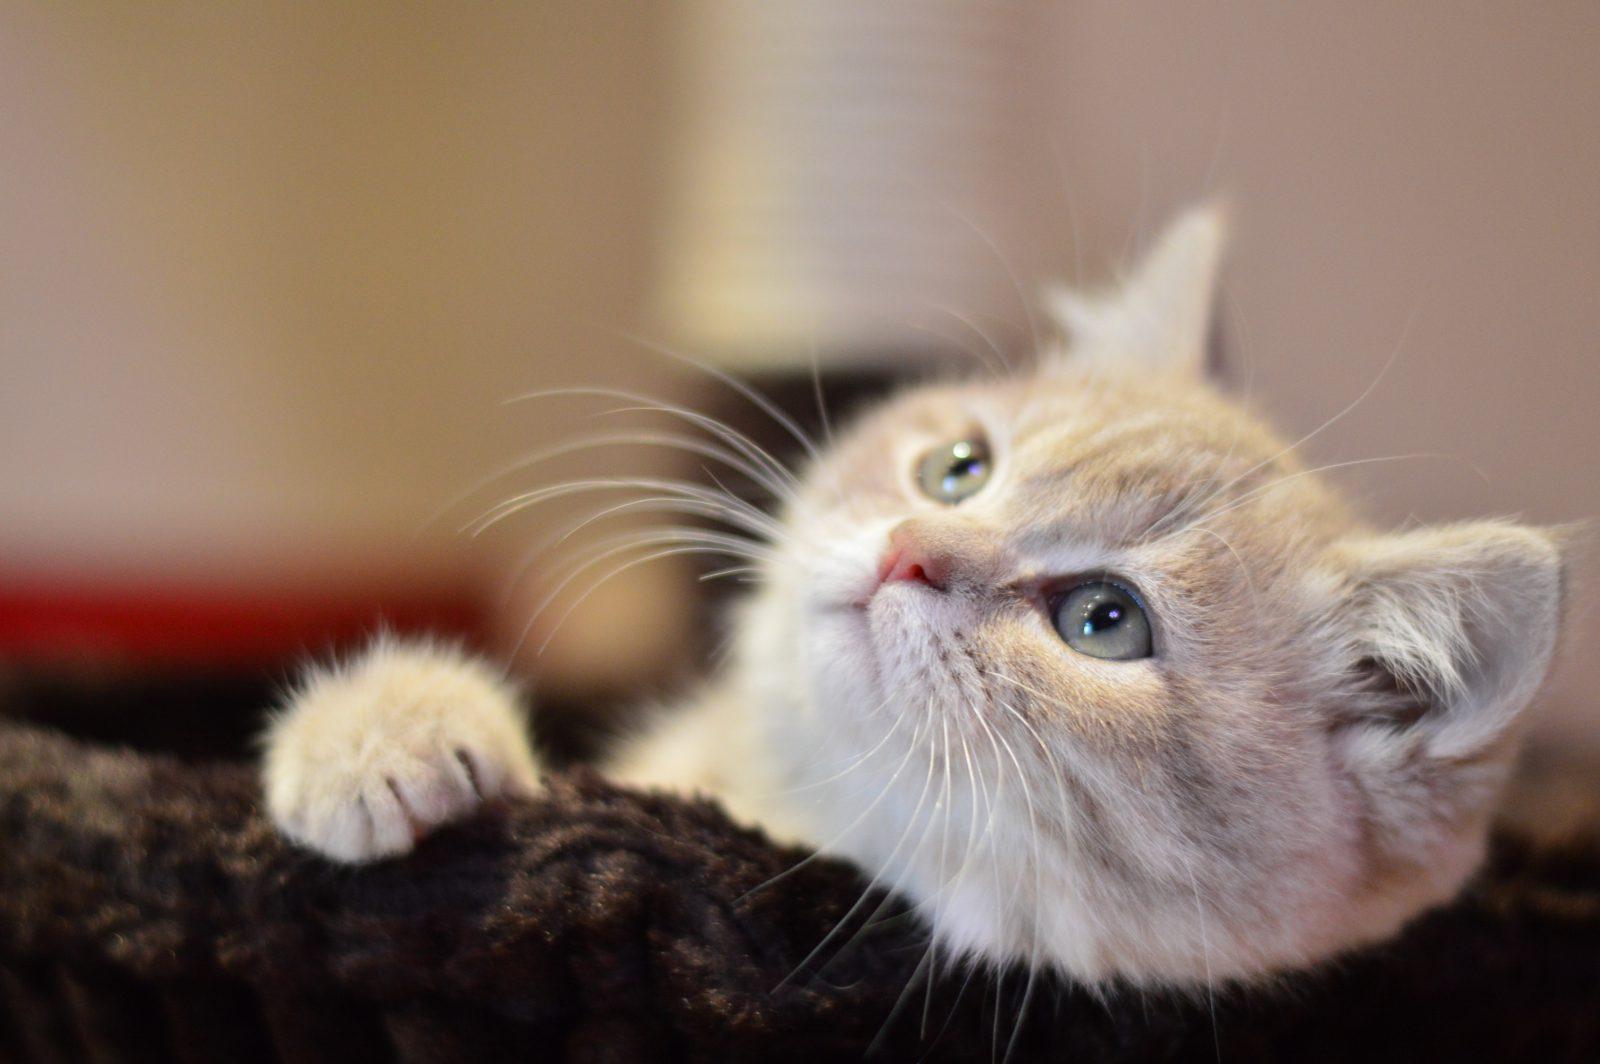 São muitas as curiosidades sobre quantos anos vive um gato.